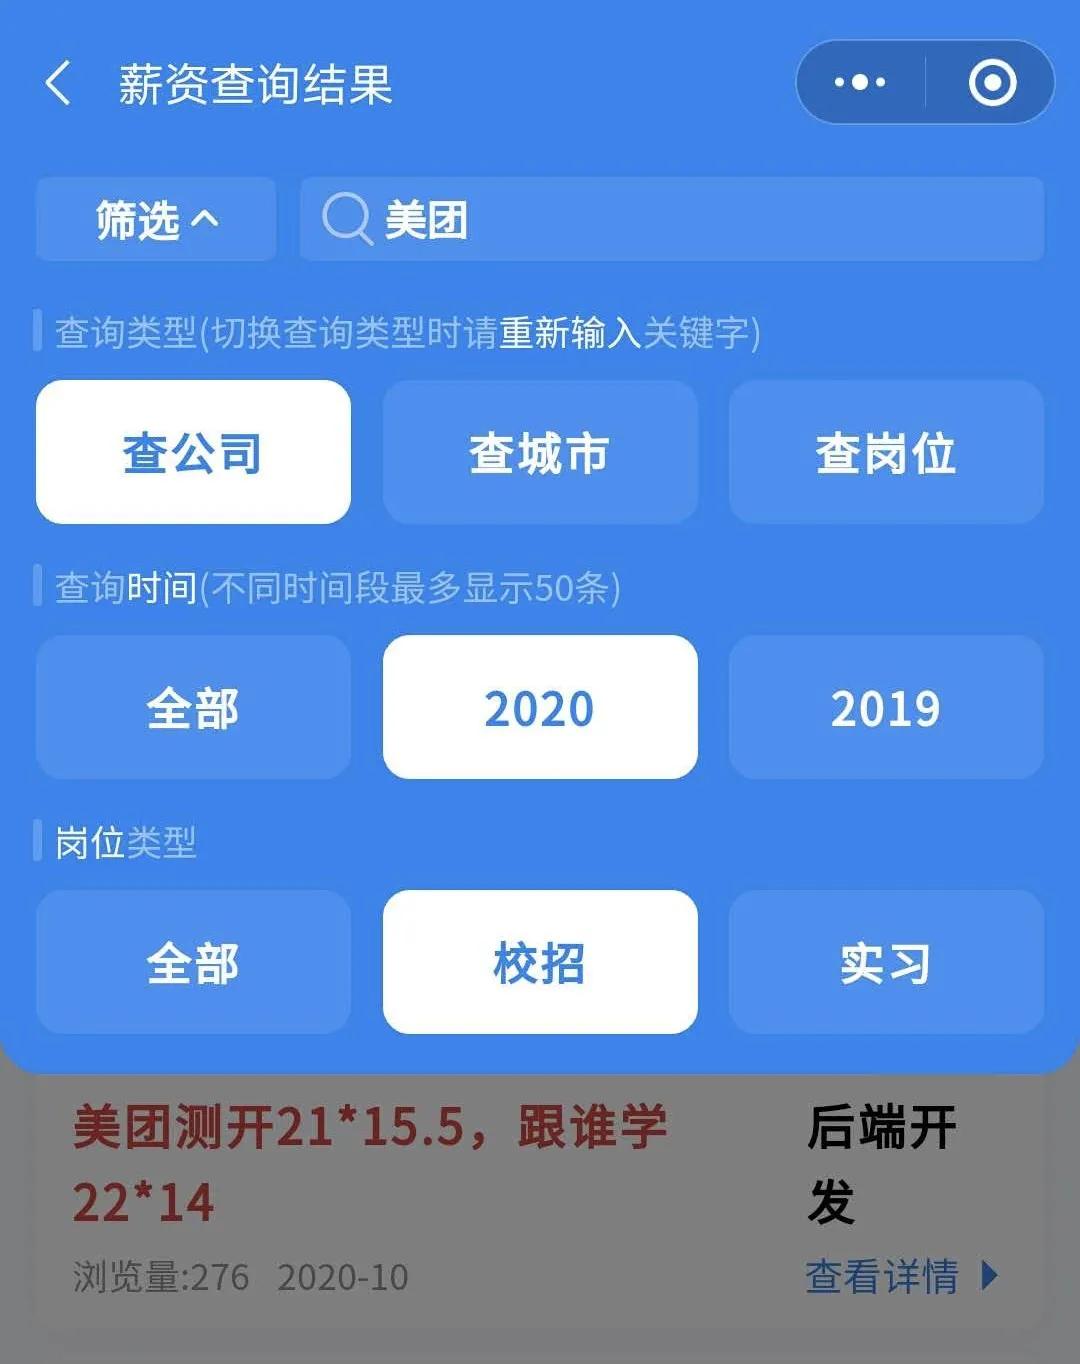 21届校招应届生Offer薪资曝光:年薪35万+,倒挂老员工